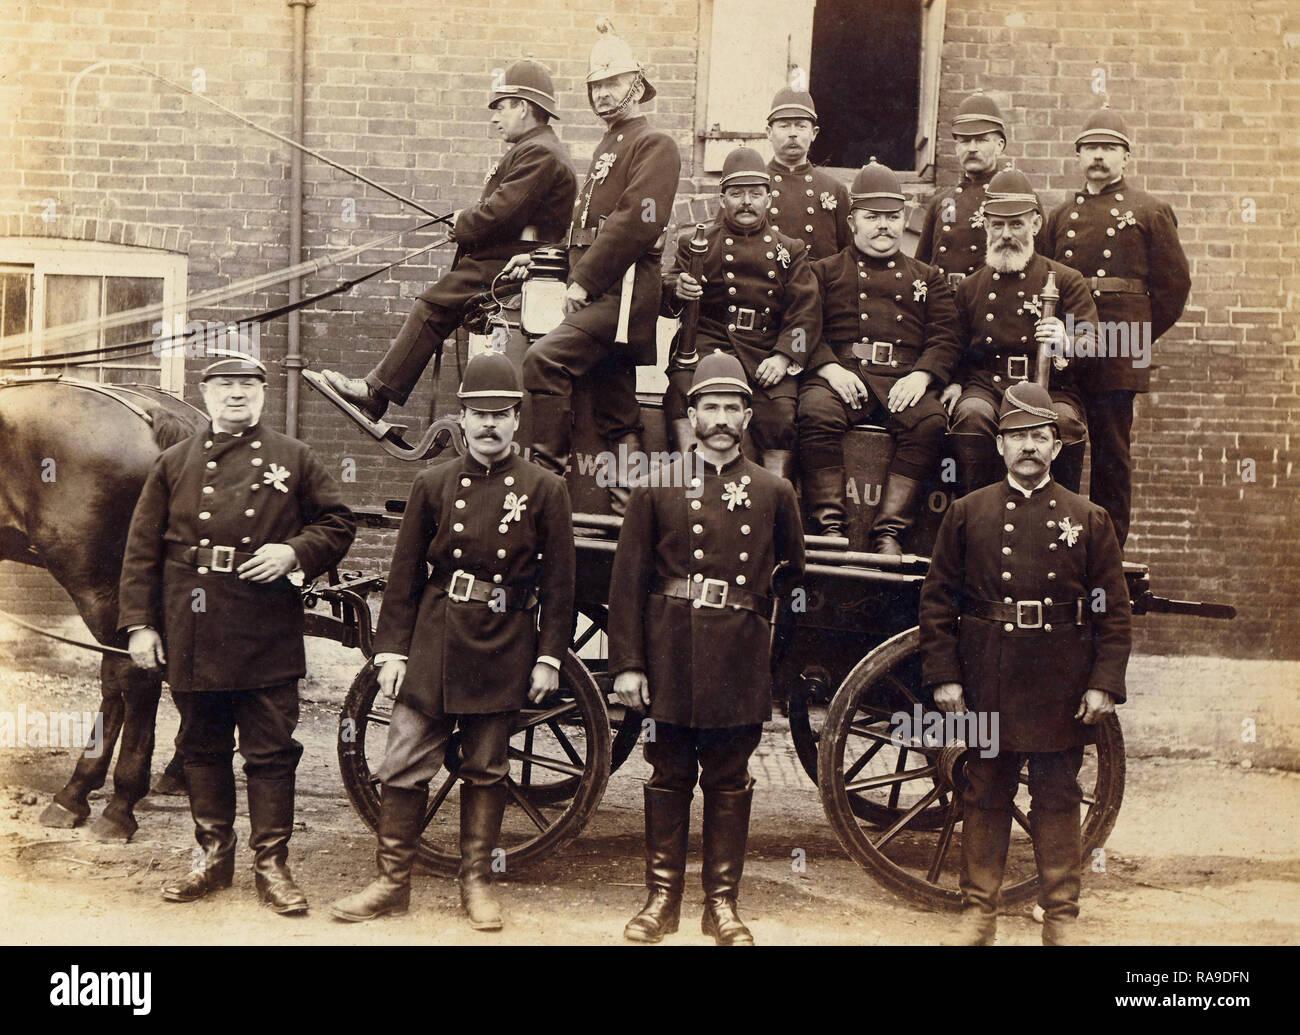 Archivio Storico di immagine di vigili del fuoco con a cavallo il fire appliance. Vigili del Fuoco. c1900 Immagini Stock